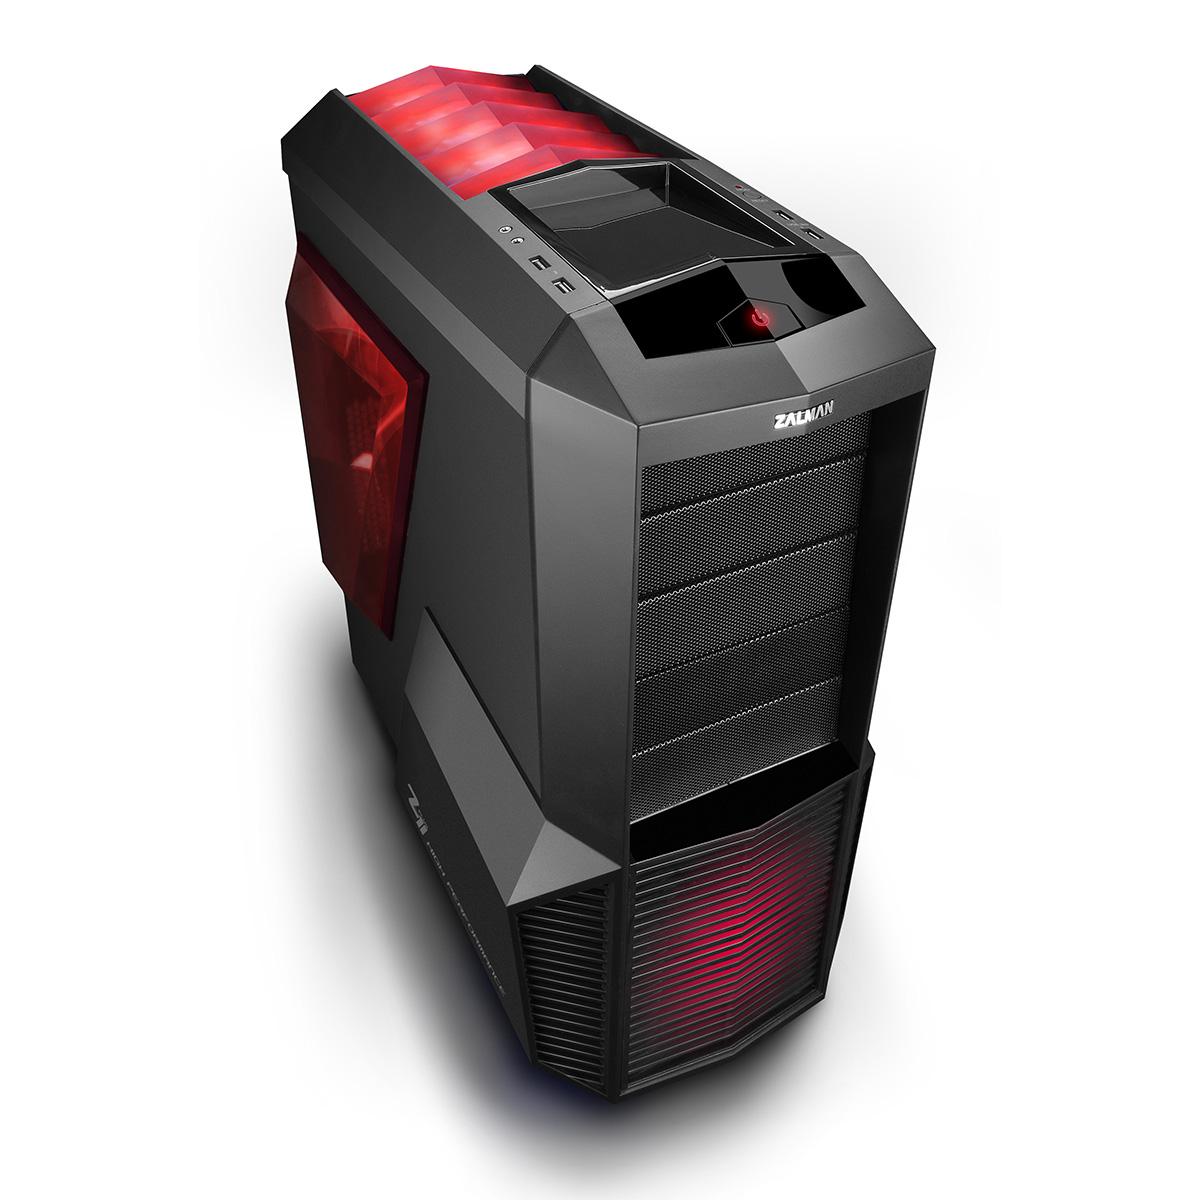 PC de bureau LDLC PC Plus Perfect Intel Core i7-6700K (4.0 GHz) 16 Go SSD 180 Go + HDD 2 To NVIDIA GeForce GTX 1060 6 Go Graveur DVD (sans OS - monté)